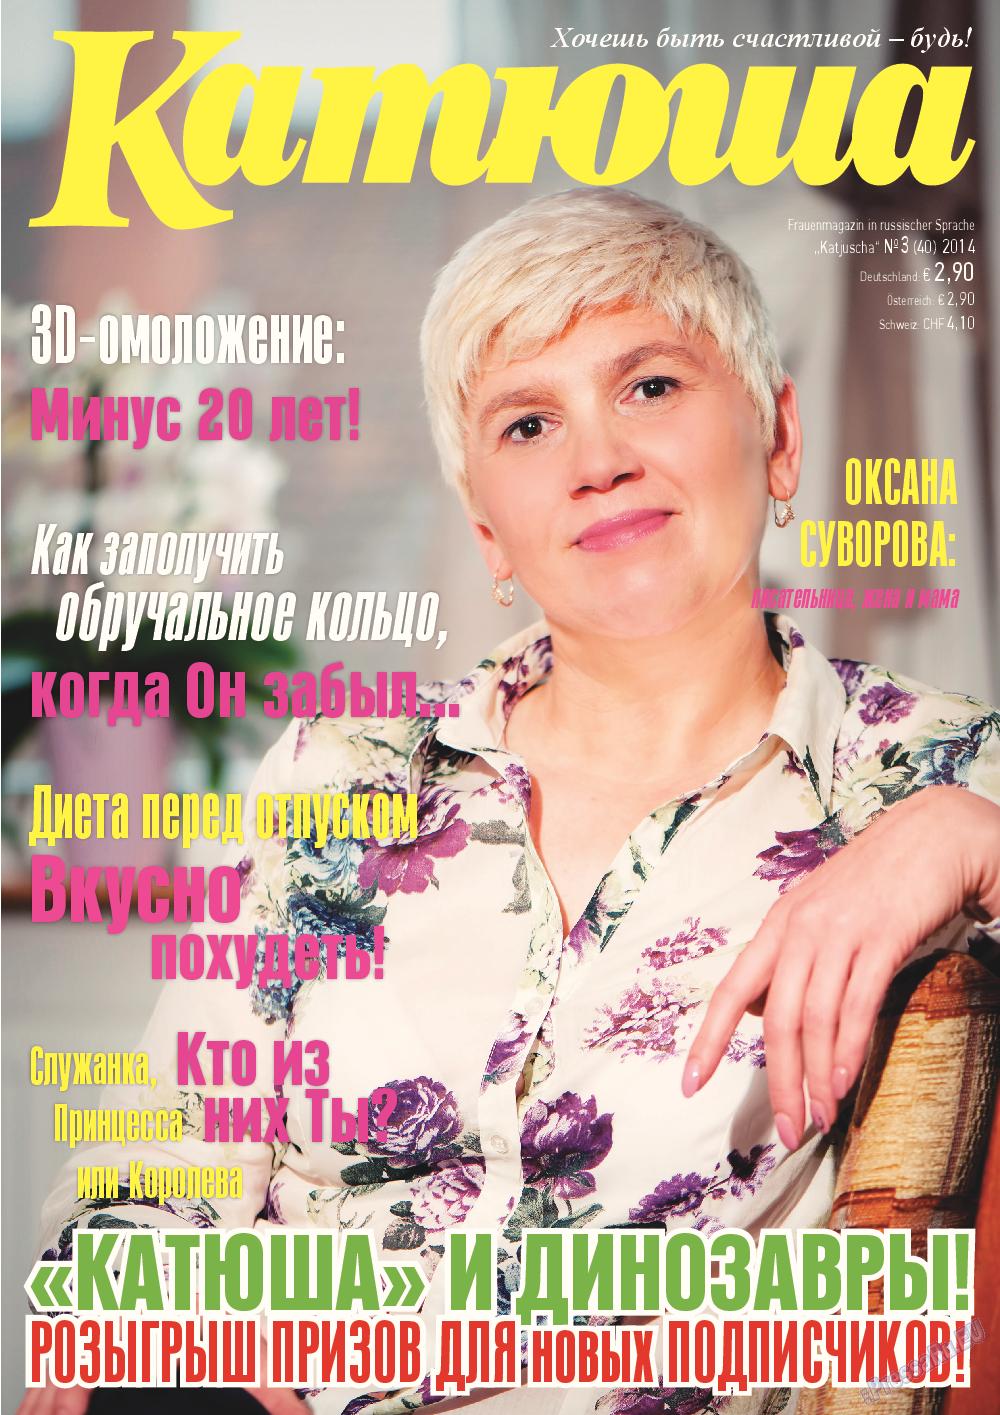 Катюша (журнал). 2014 год, номер 40, стр. 1